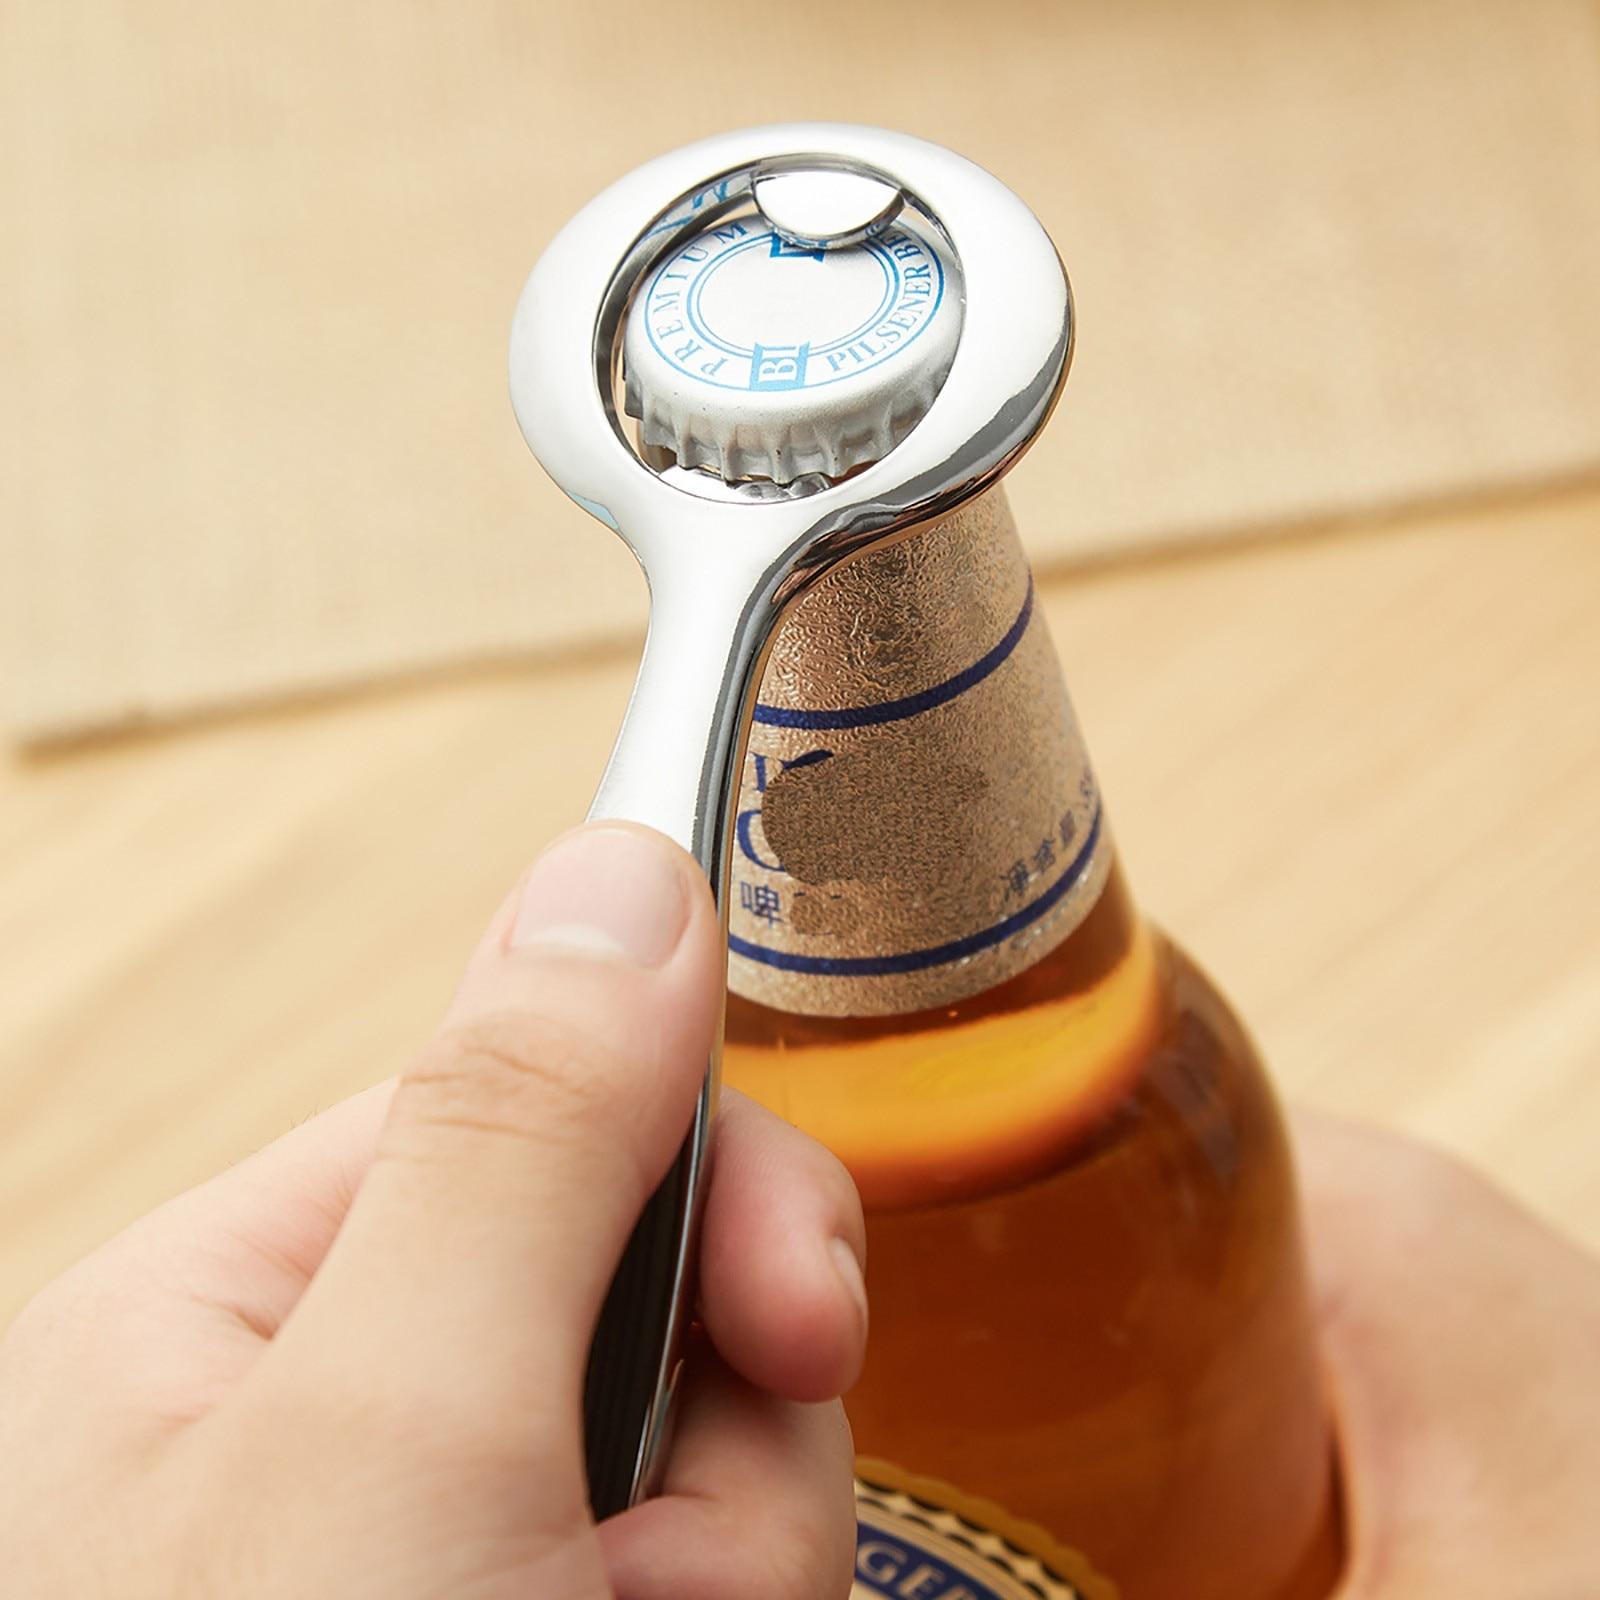 Abrelatas de botella de abridores de cervezas vino empezar práctica botella abridor...